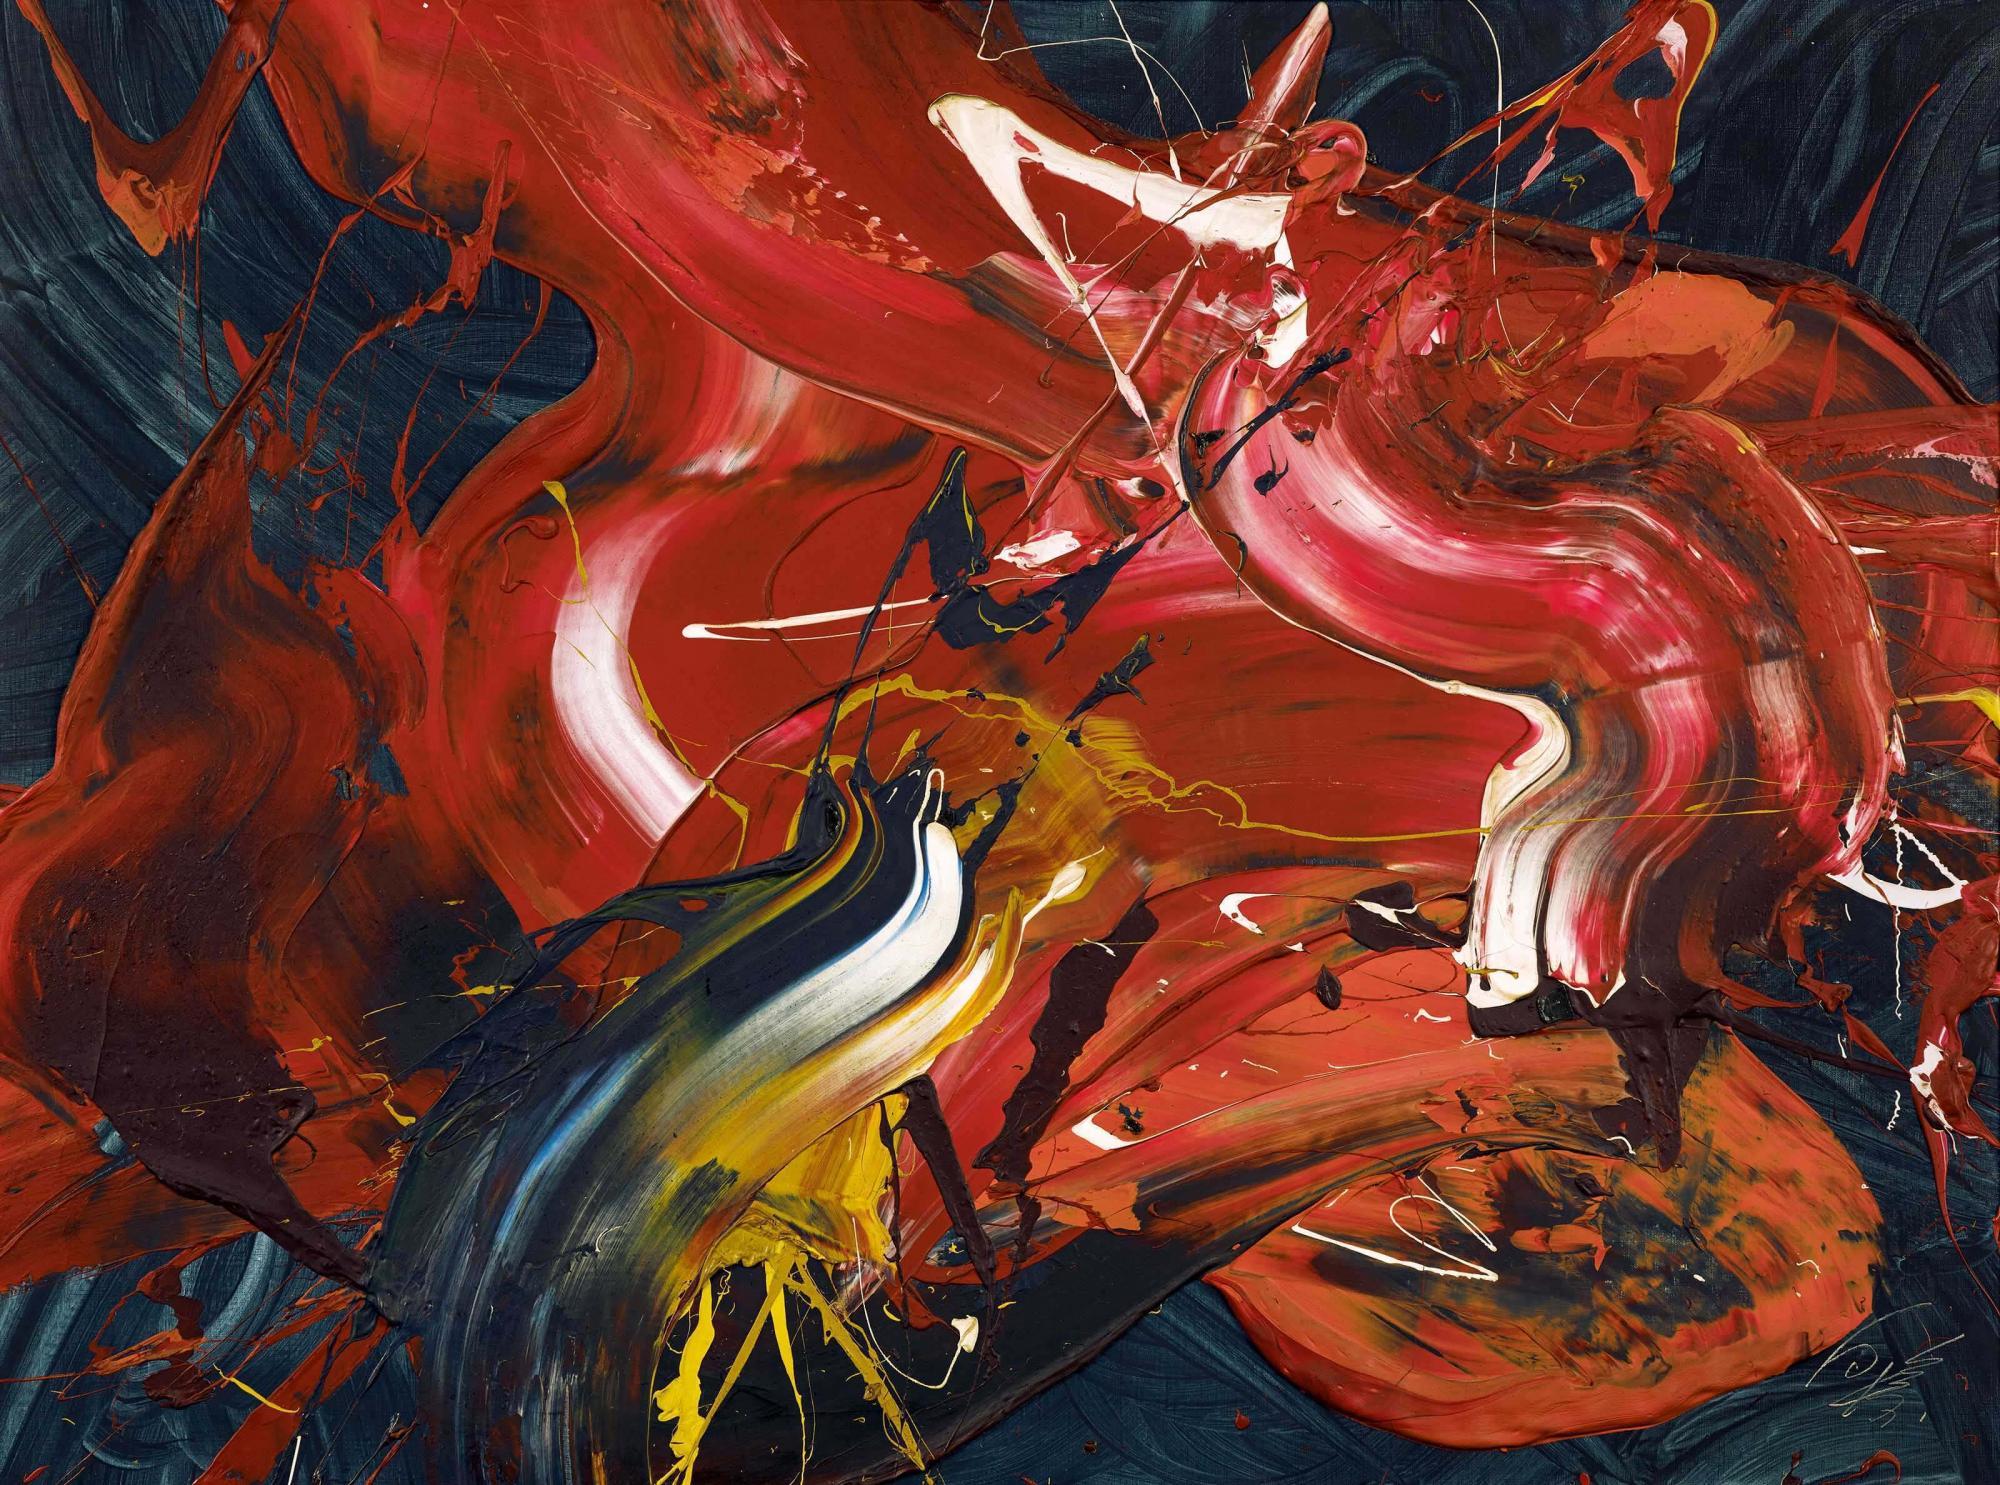 白髮一雄 (1924-2008) 《不動護摩供》 油彩 畫布 97.2 x 130.4 公分 (38 1/4 x 51 3/8 吋) 1974年作 港幣8,000,000 – 12,000,000 / 美元1,100,000 – 1,500,000